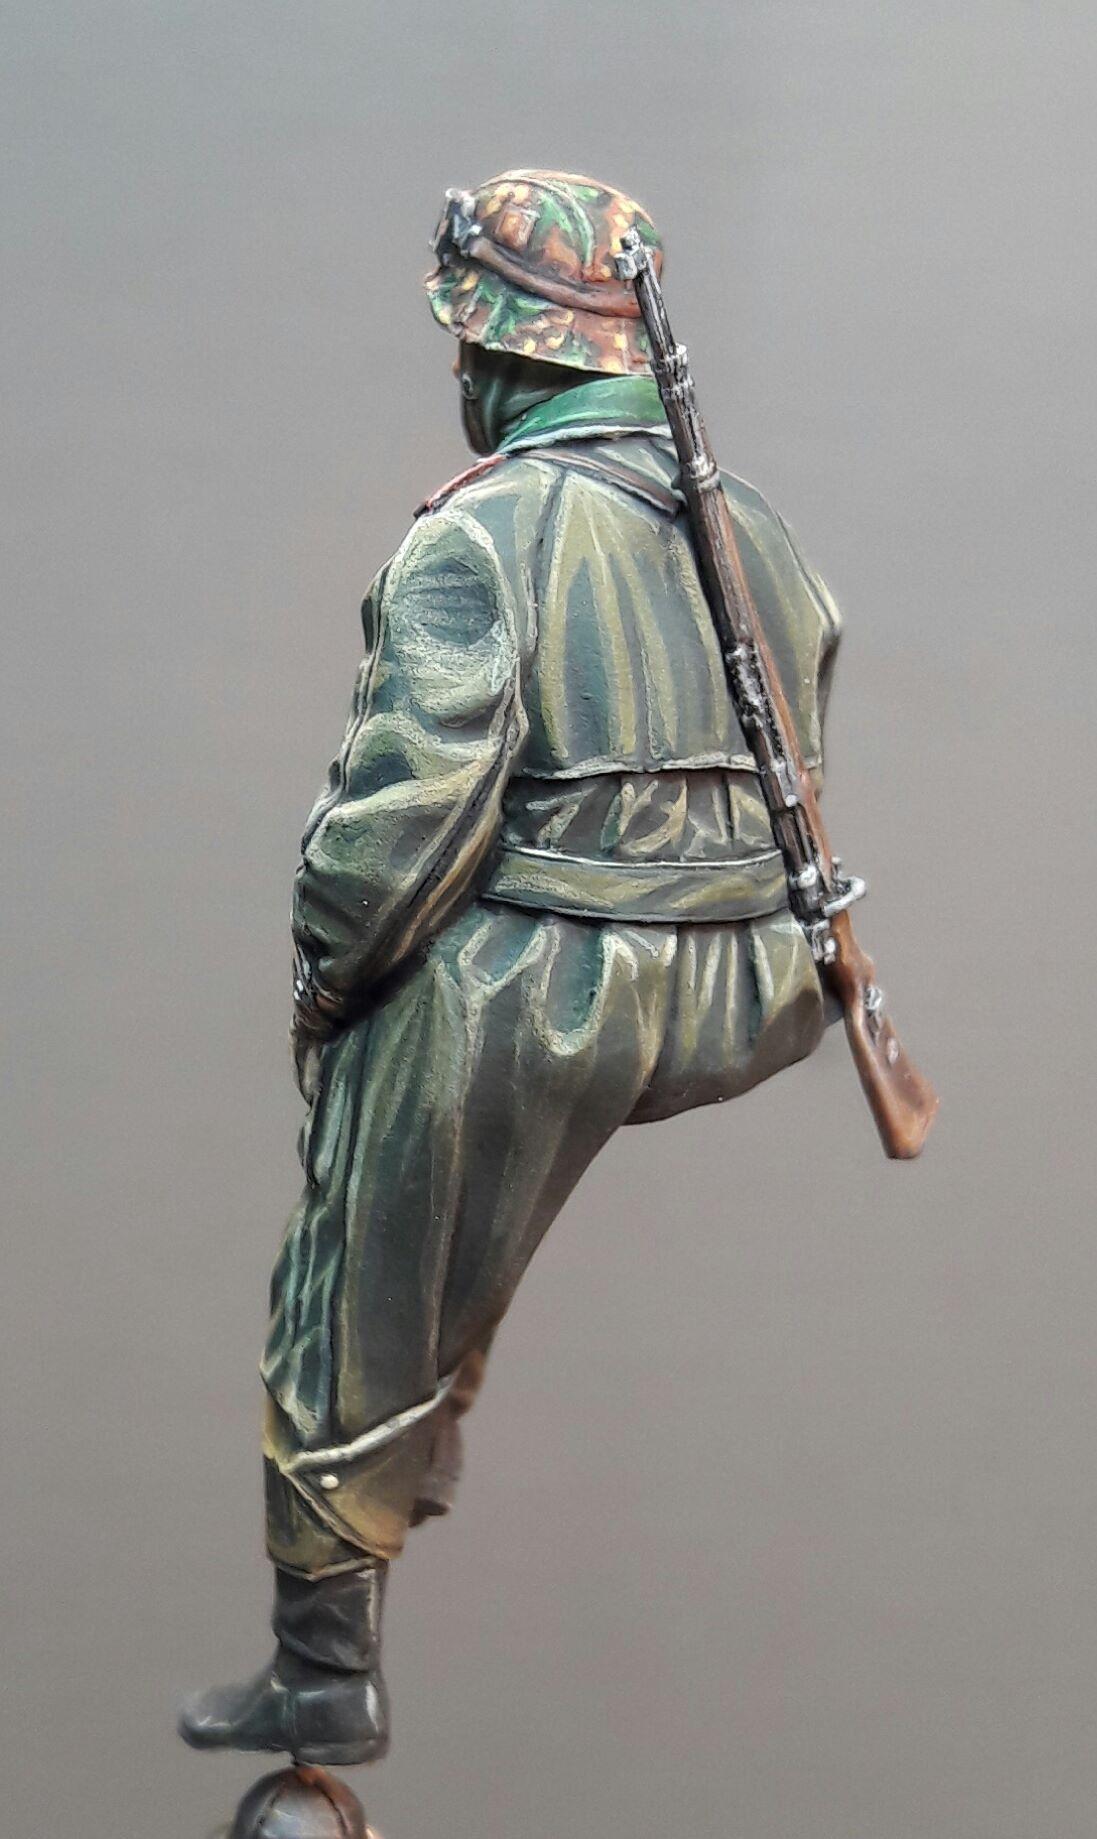 Zündapp KS750 - Sidecar - Great Wall Hobby + figurines Alpine - 1/35 55540319688415102116827704793241340285099o